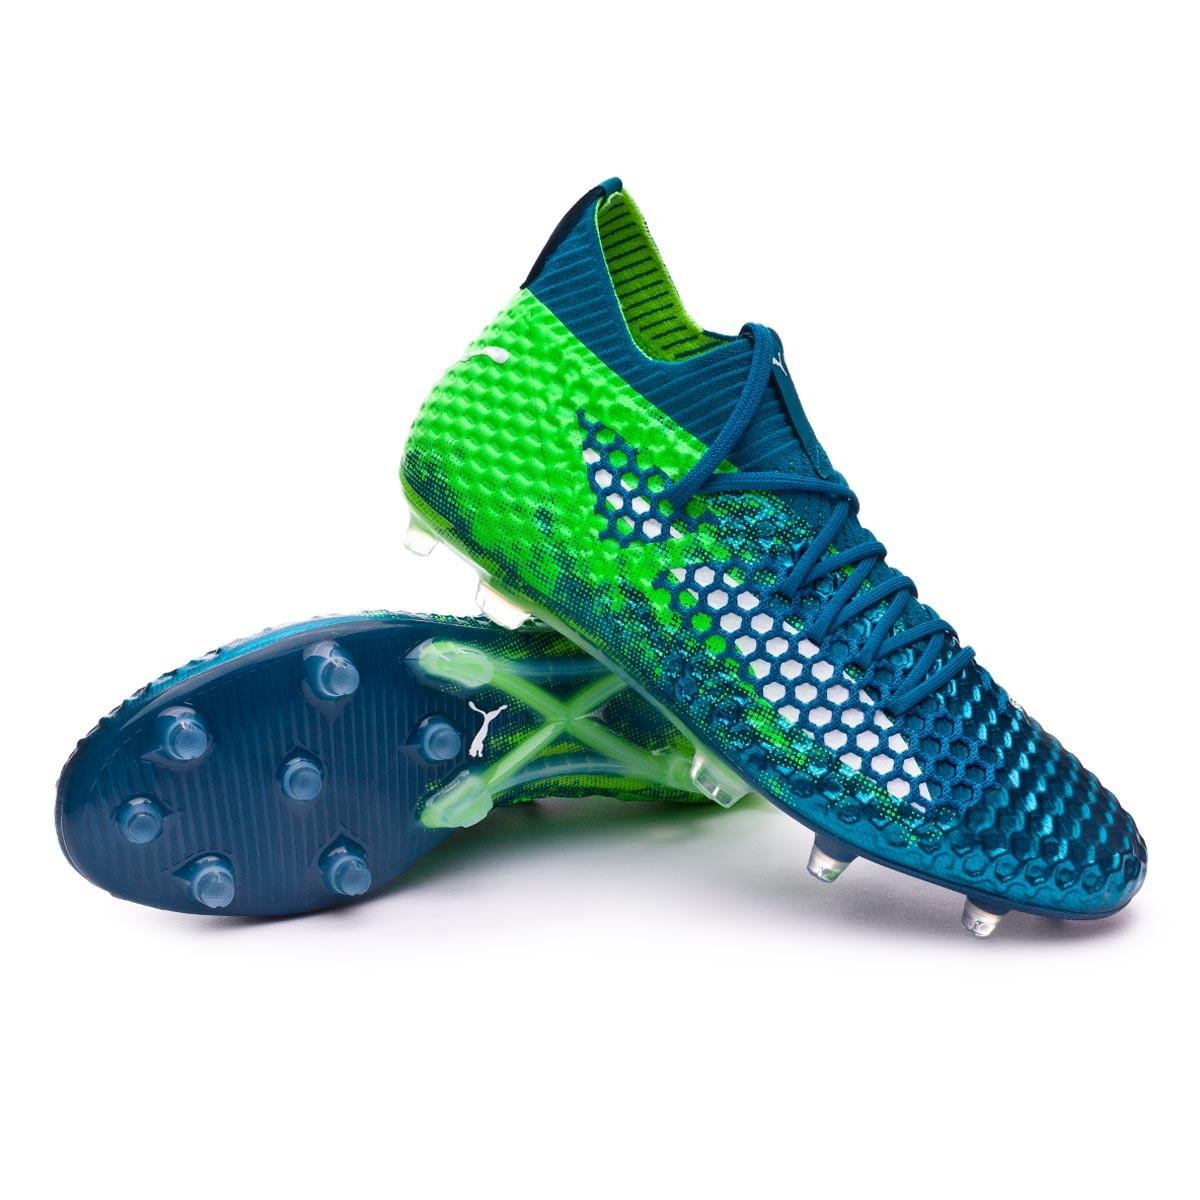 d9e30251b8ffd4 Puma Future 18.1 Netfit hyFG Boot. Deep Lagoon-Puma white-Green gecko ...